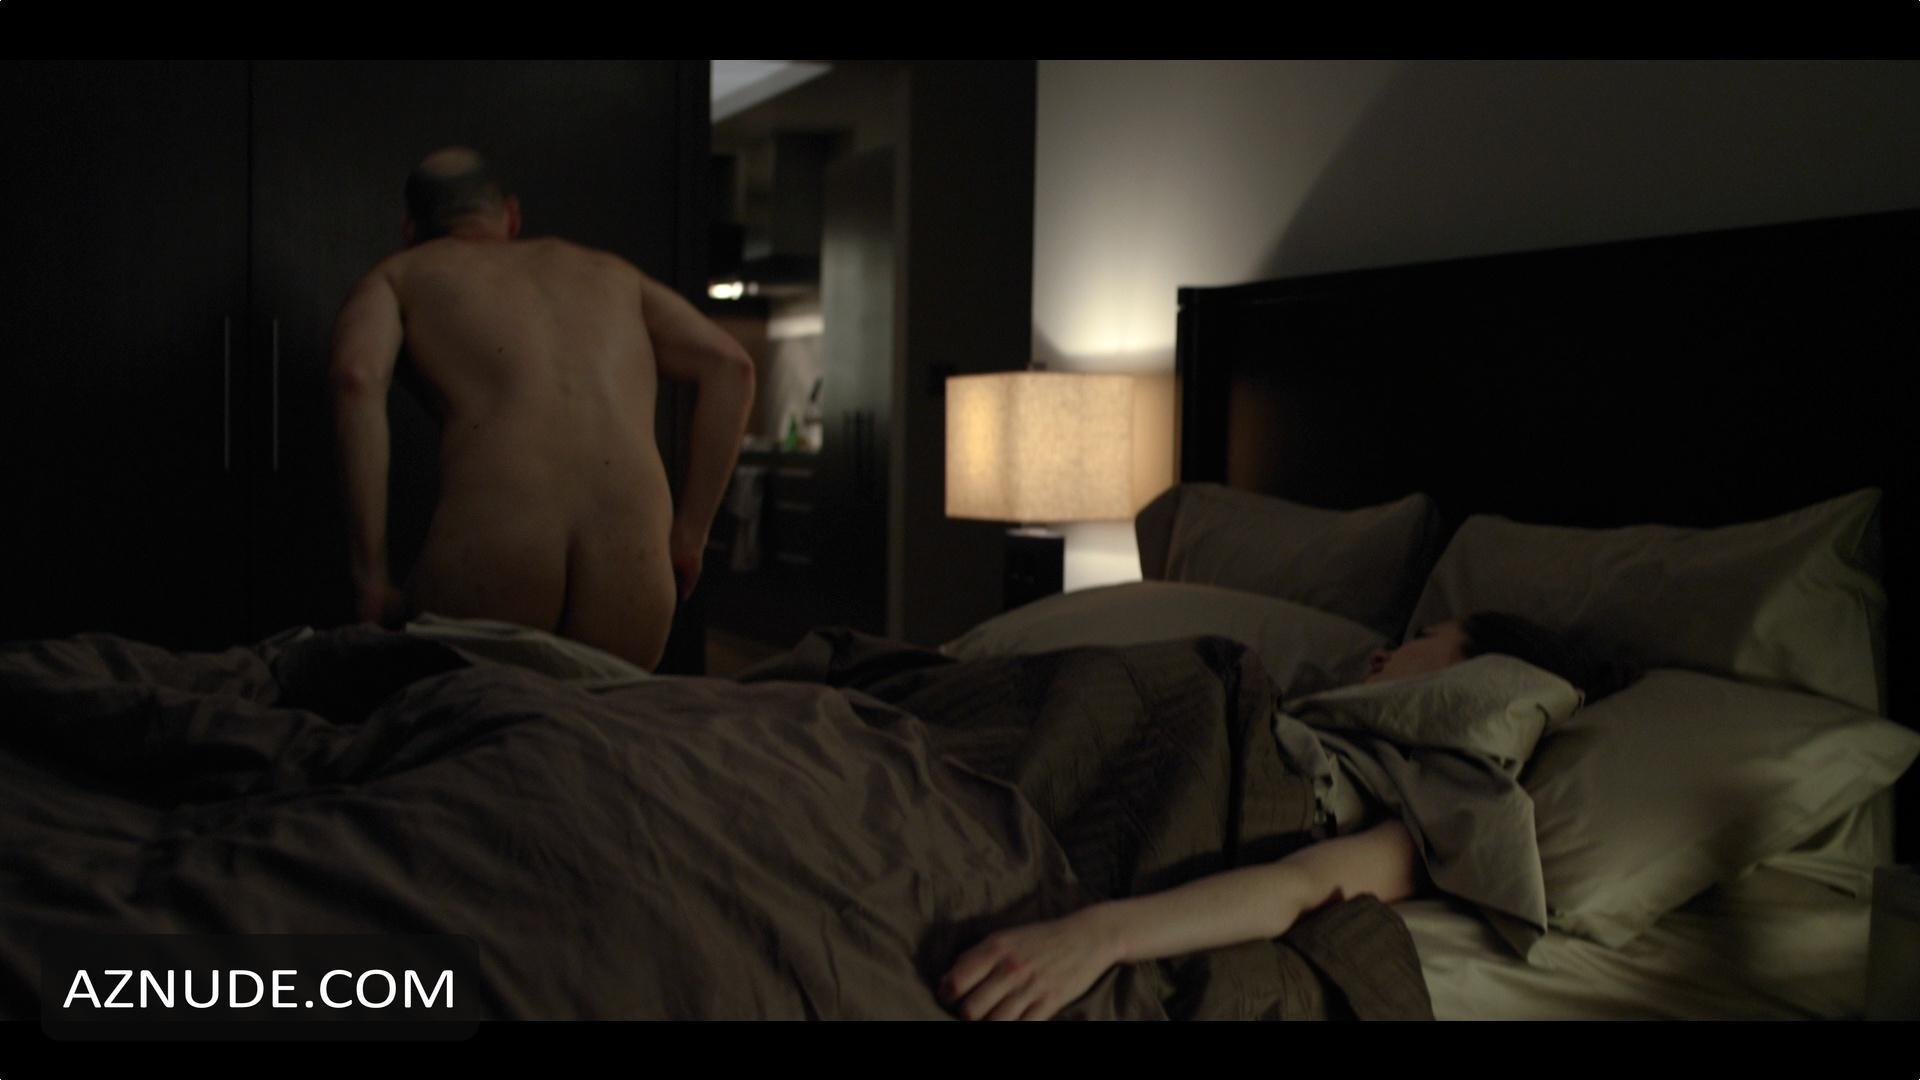 kristen-connolly-nude-sex-public-sex-pic-amateur